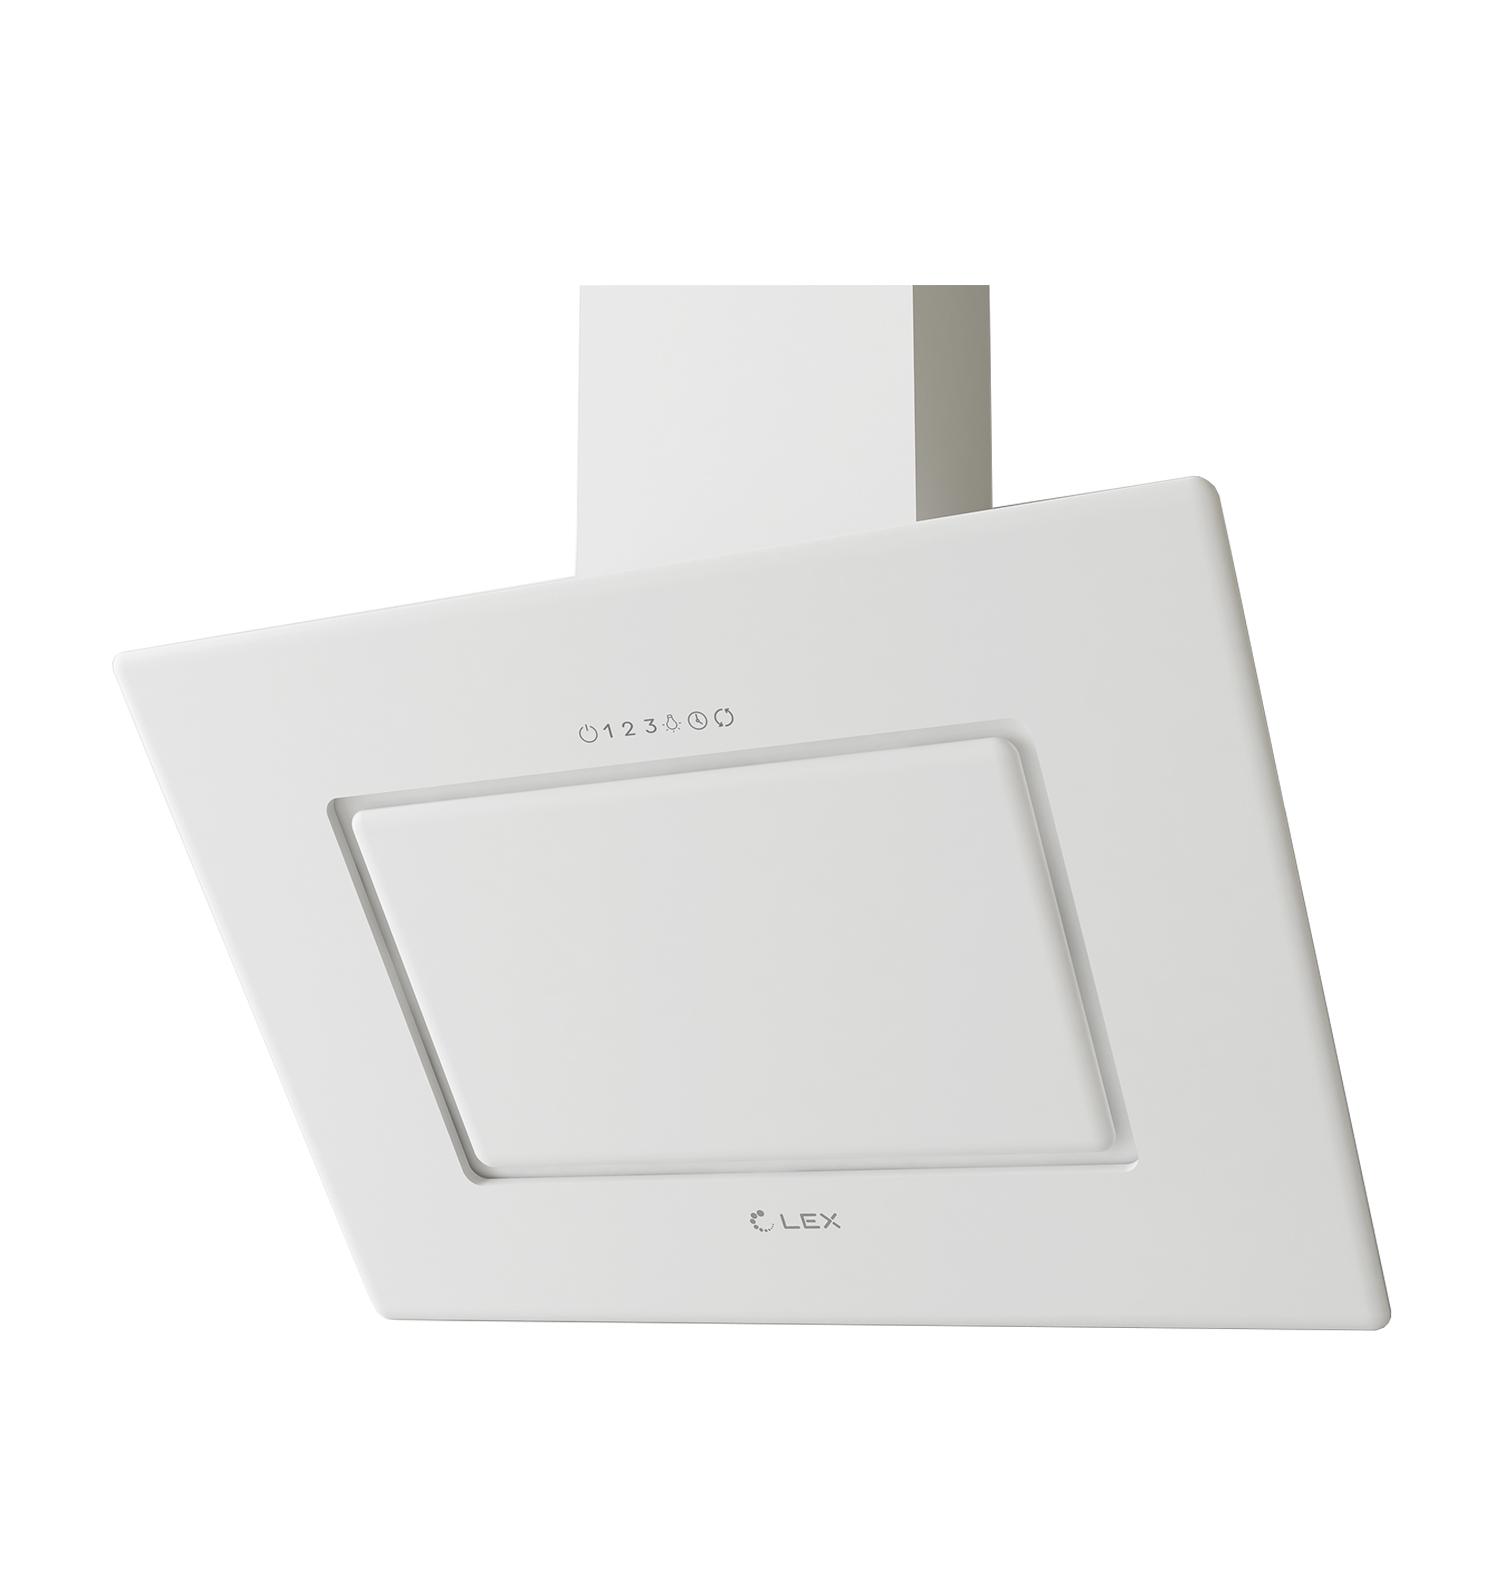 LEX Leila 900 White